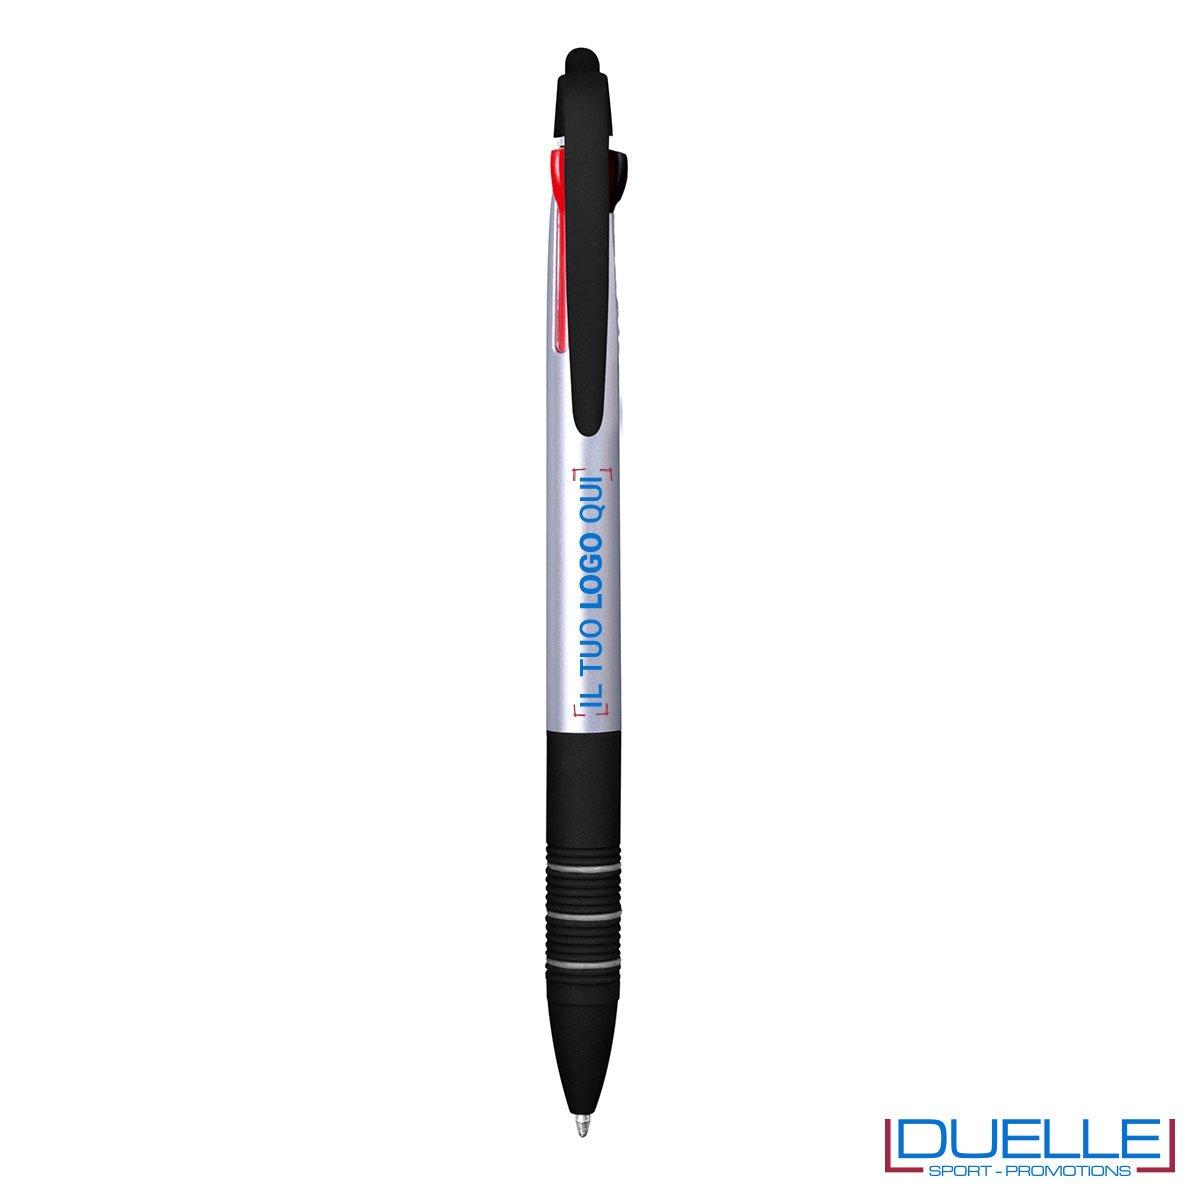 Penna personalizzata con touch 3 in 1 colore silver